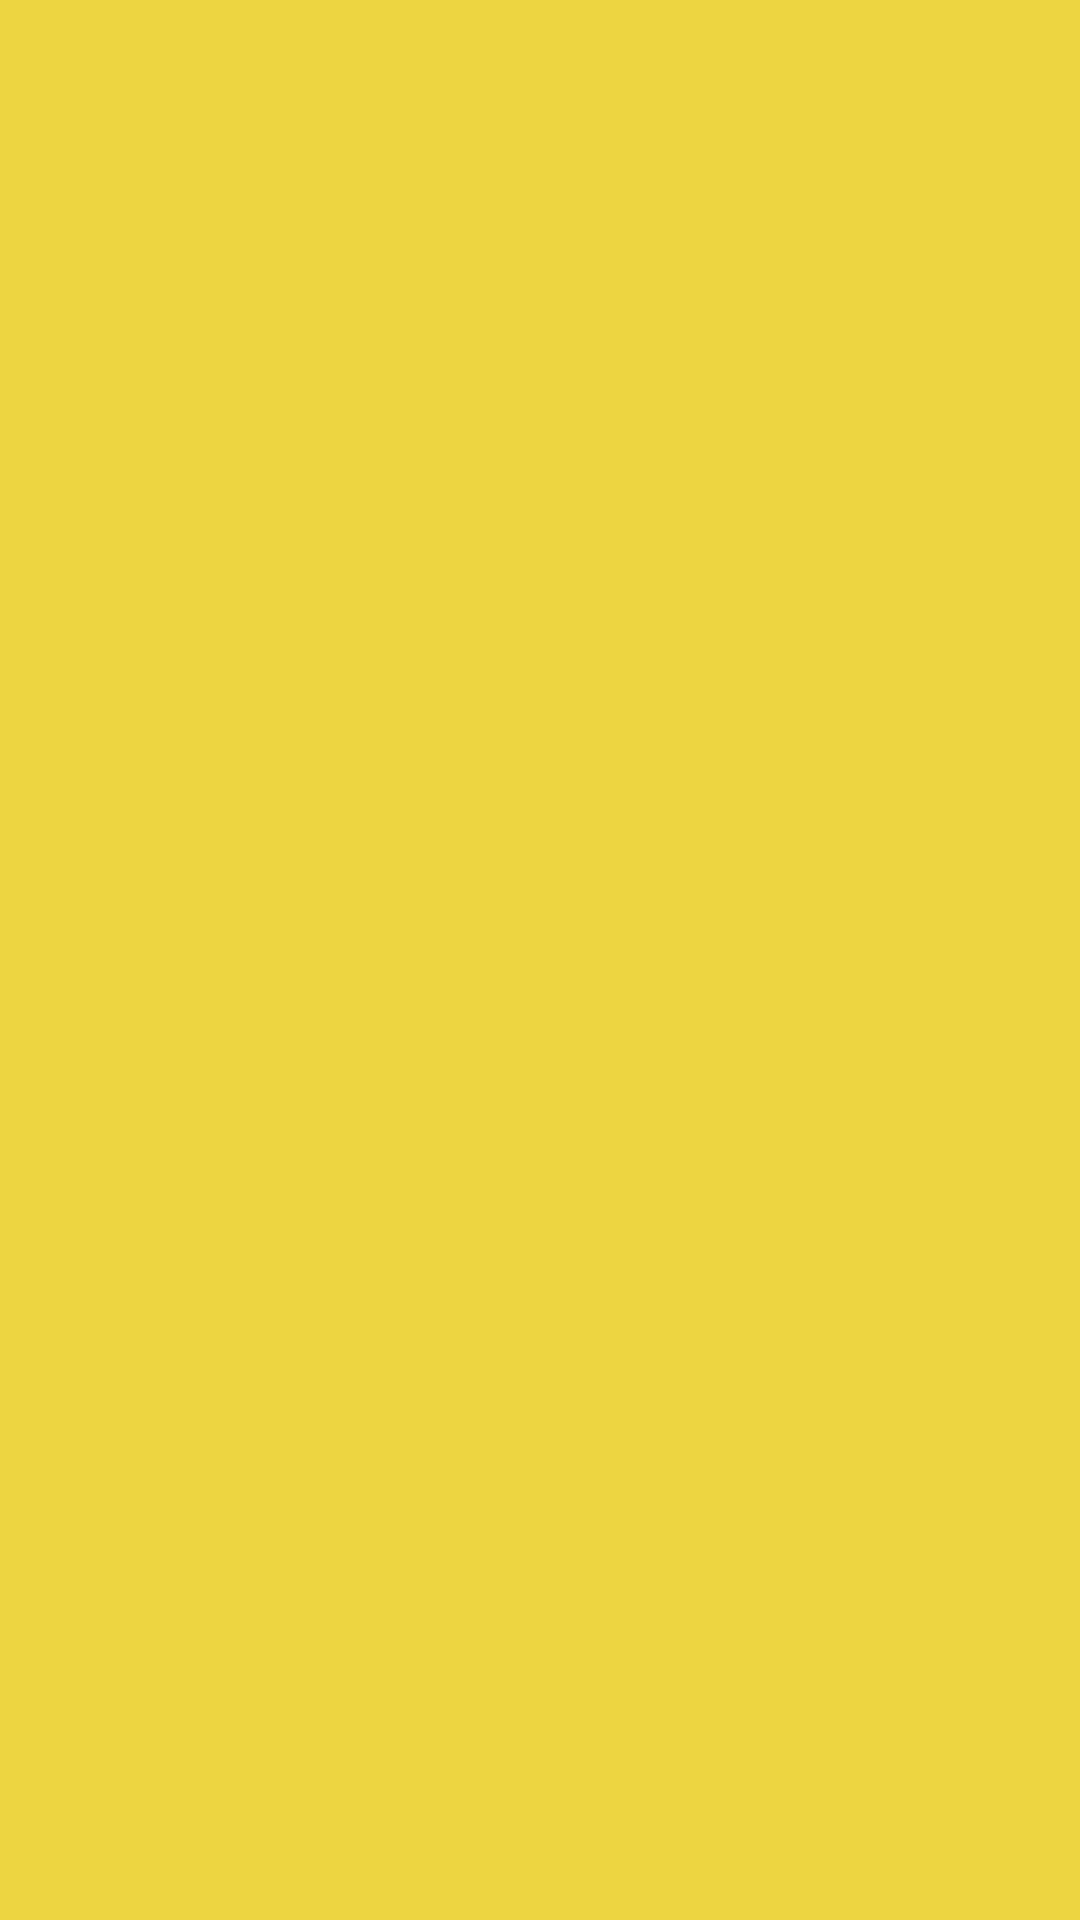 1080x1920 Sandstorm Solid Color Background